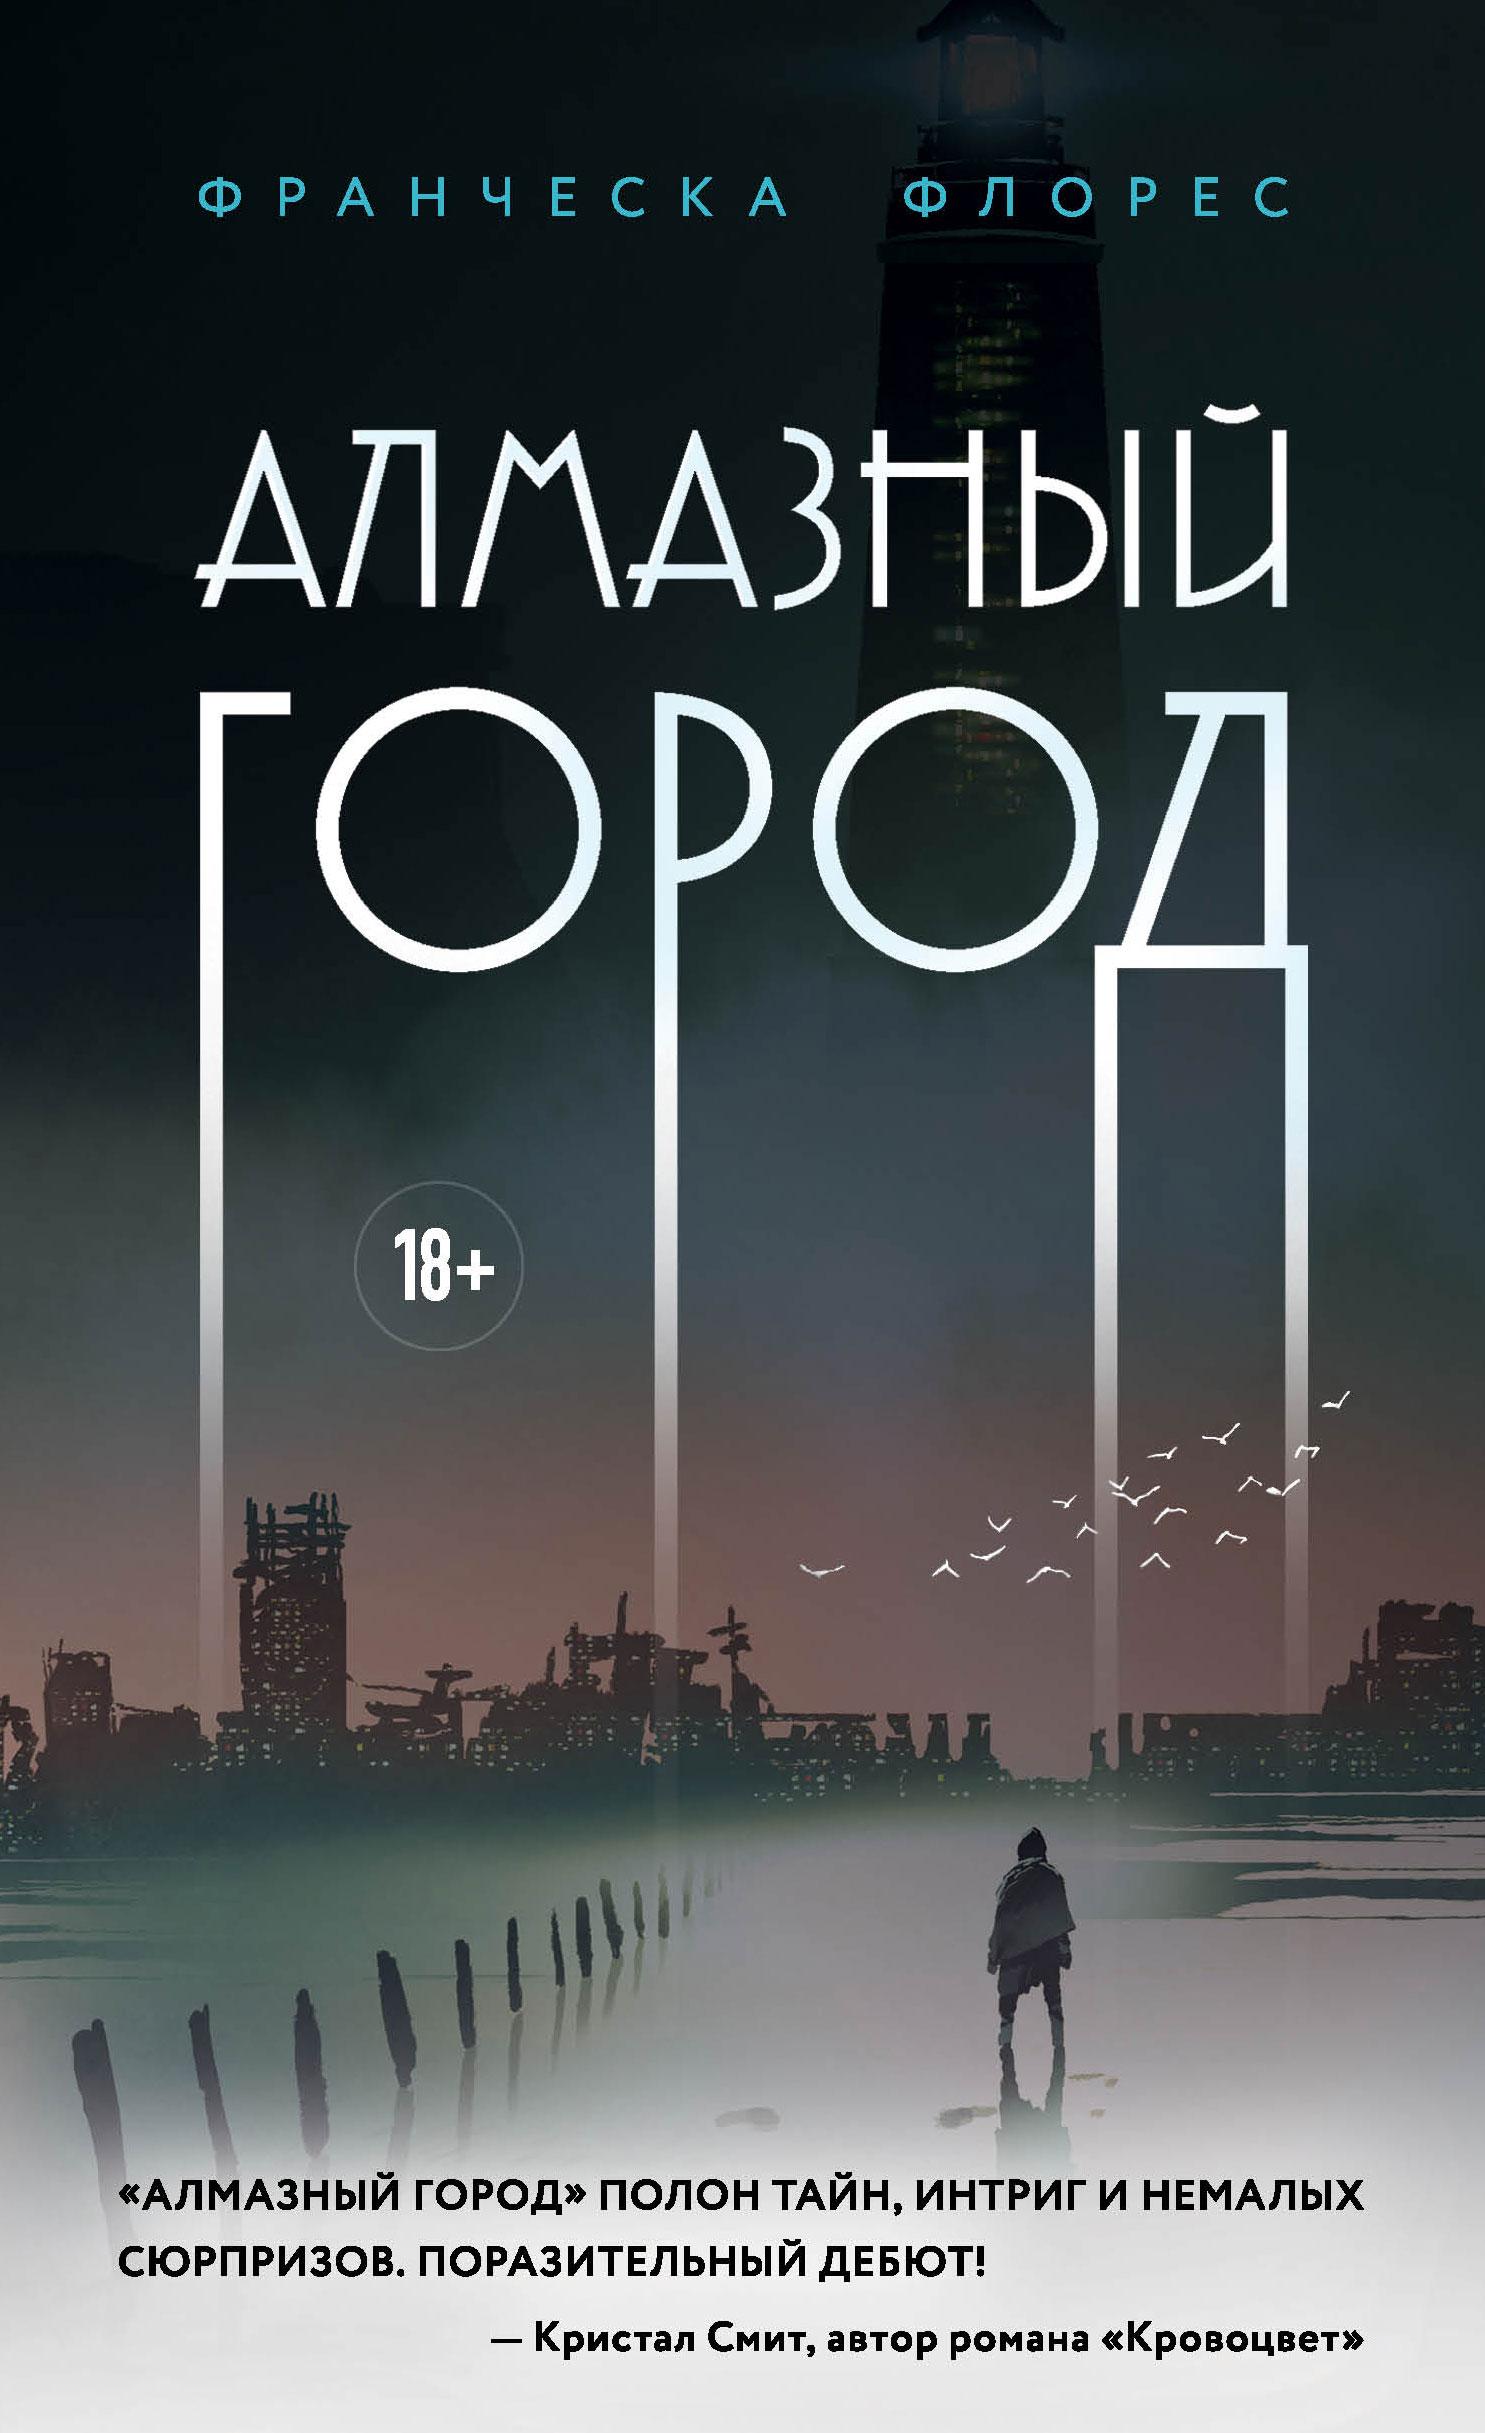 Купить книгу Алмазный город, автора Франчески Флорес